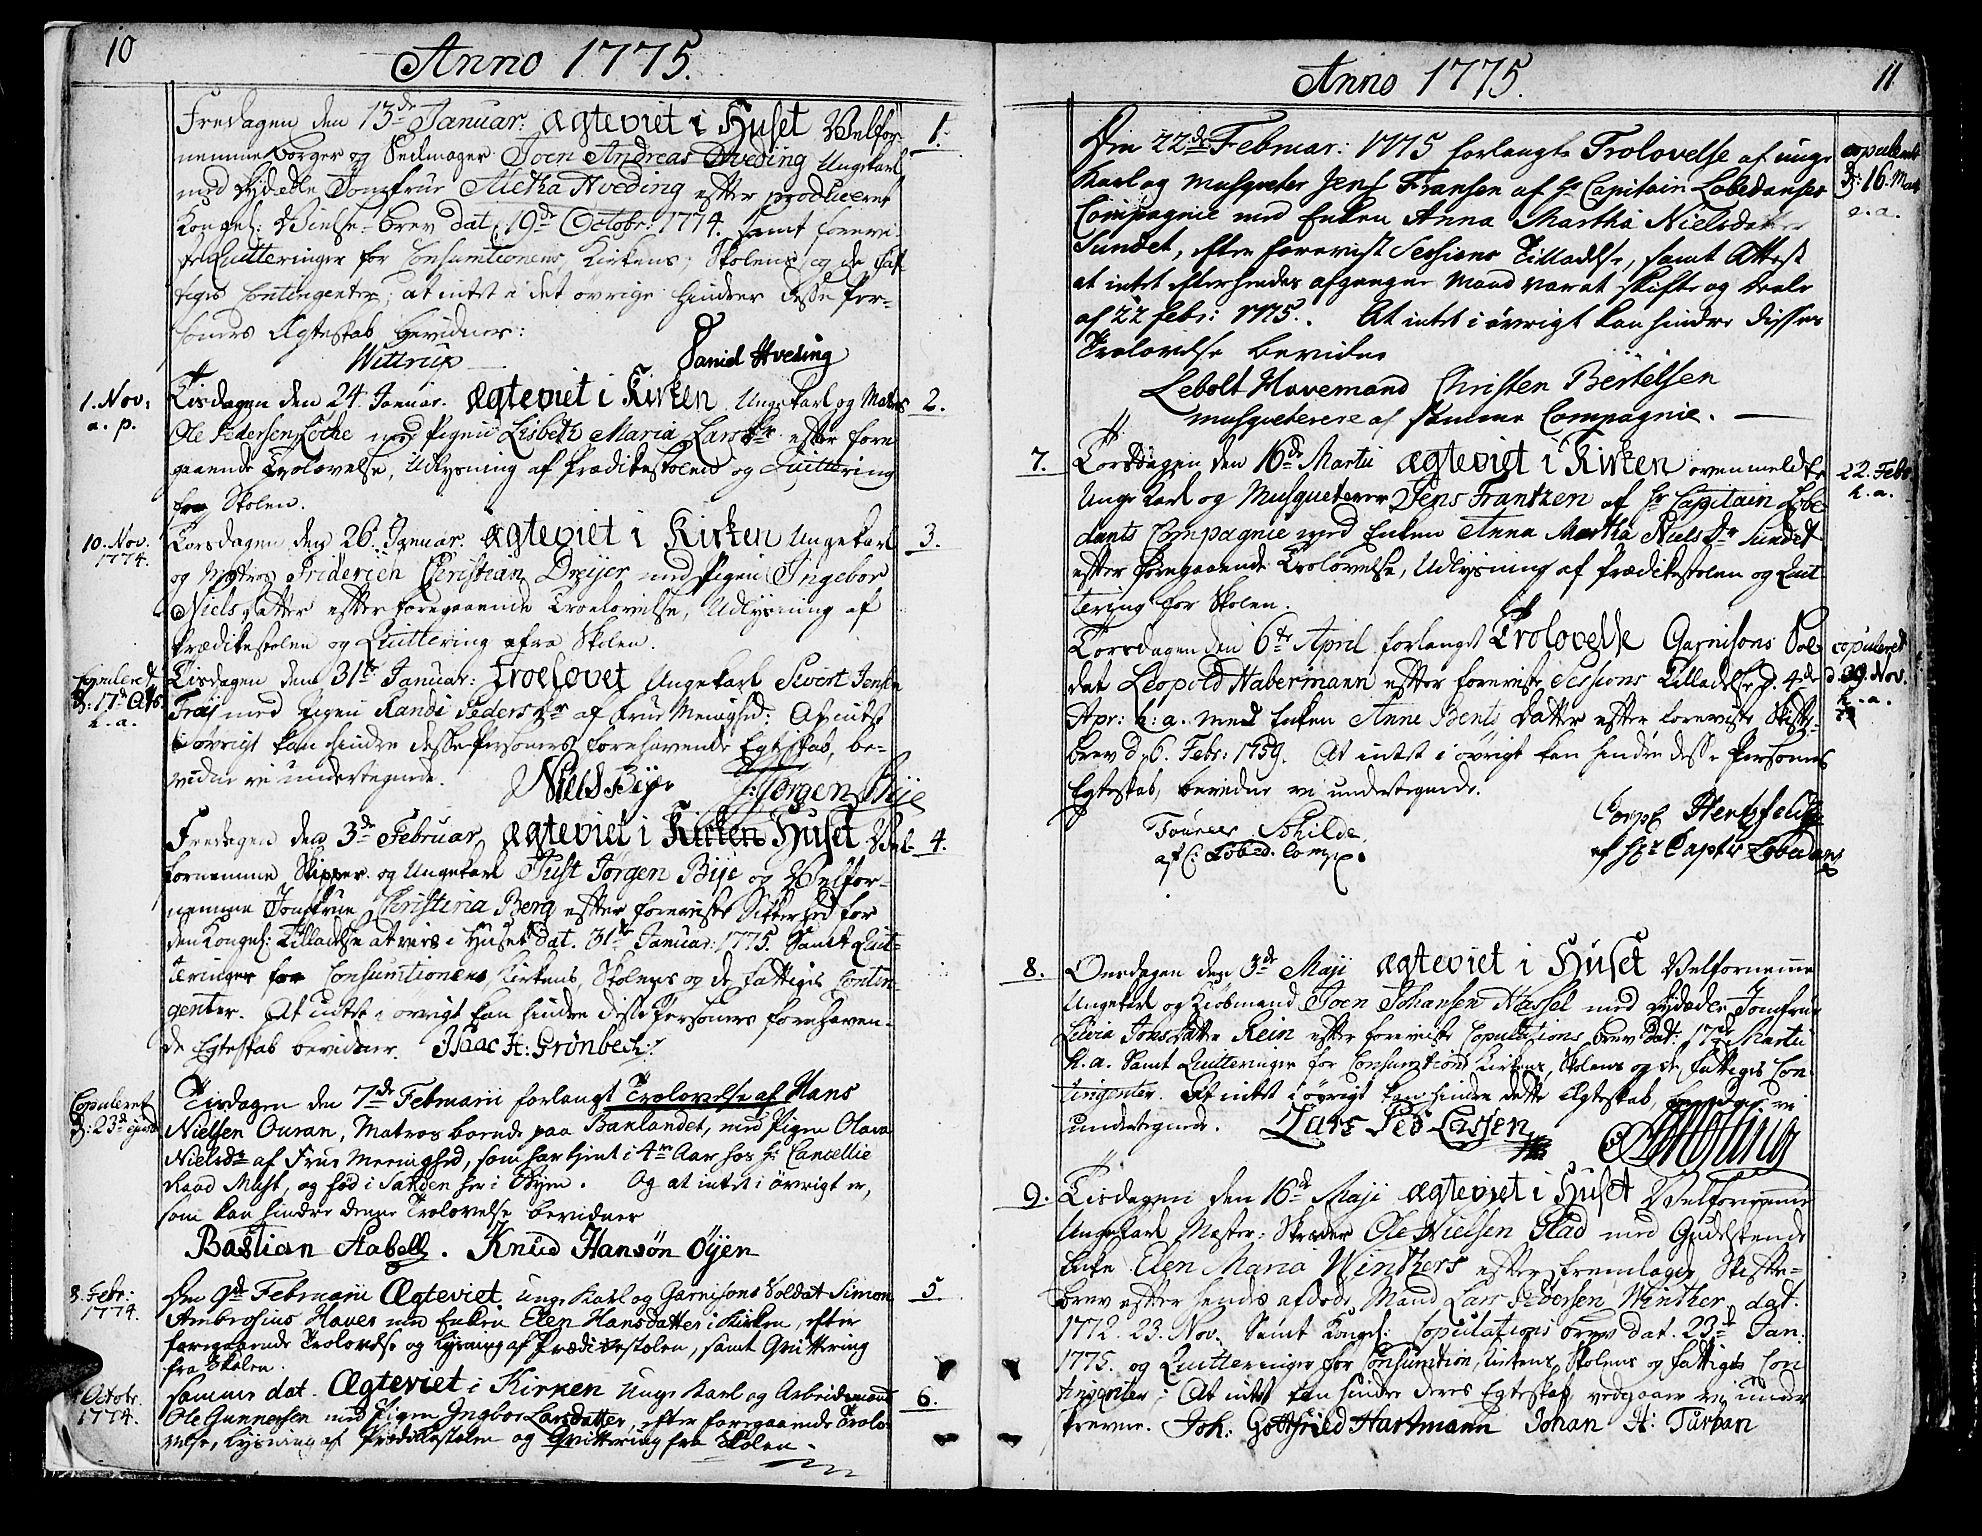 SAT, Ministerialprotokoller, klokkerbøker og fødselsregistre - Sør-Trøndelag, 602/L0105: Ministerialbok nr. 602A03, 1774-1814, s. 10-11